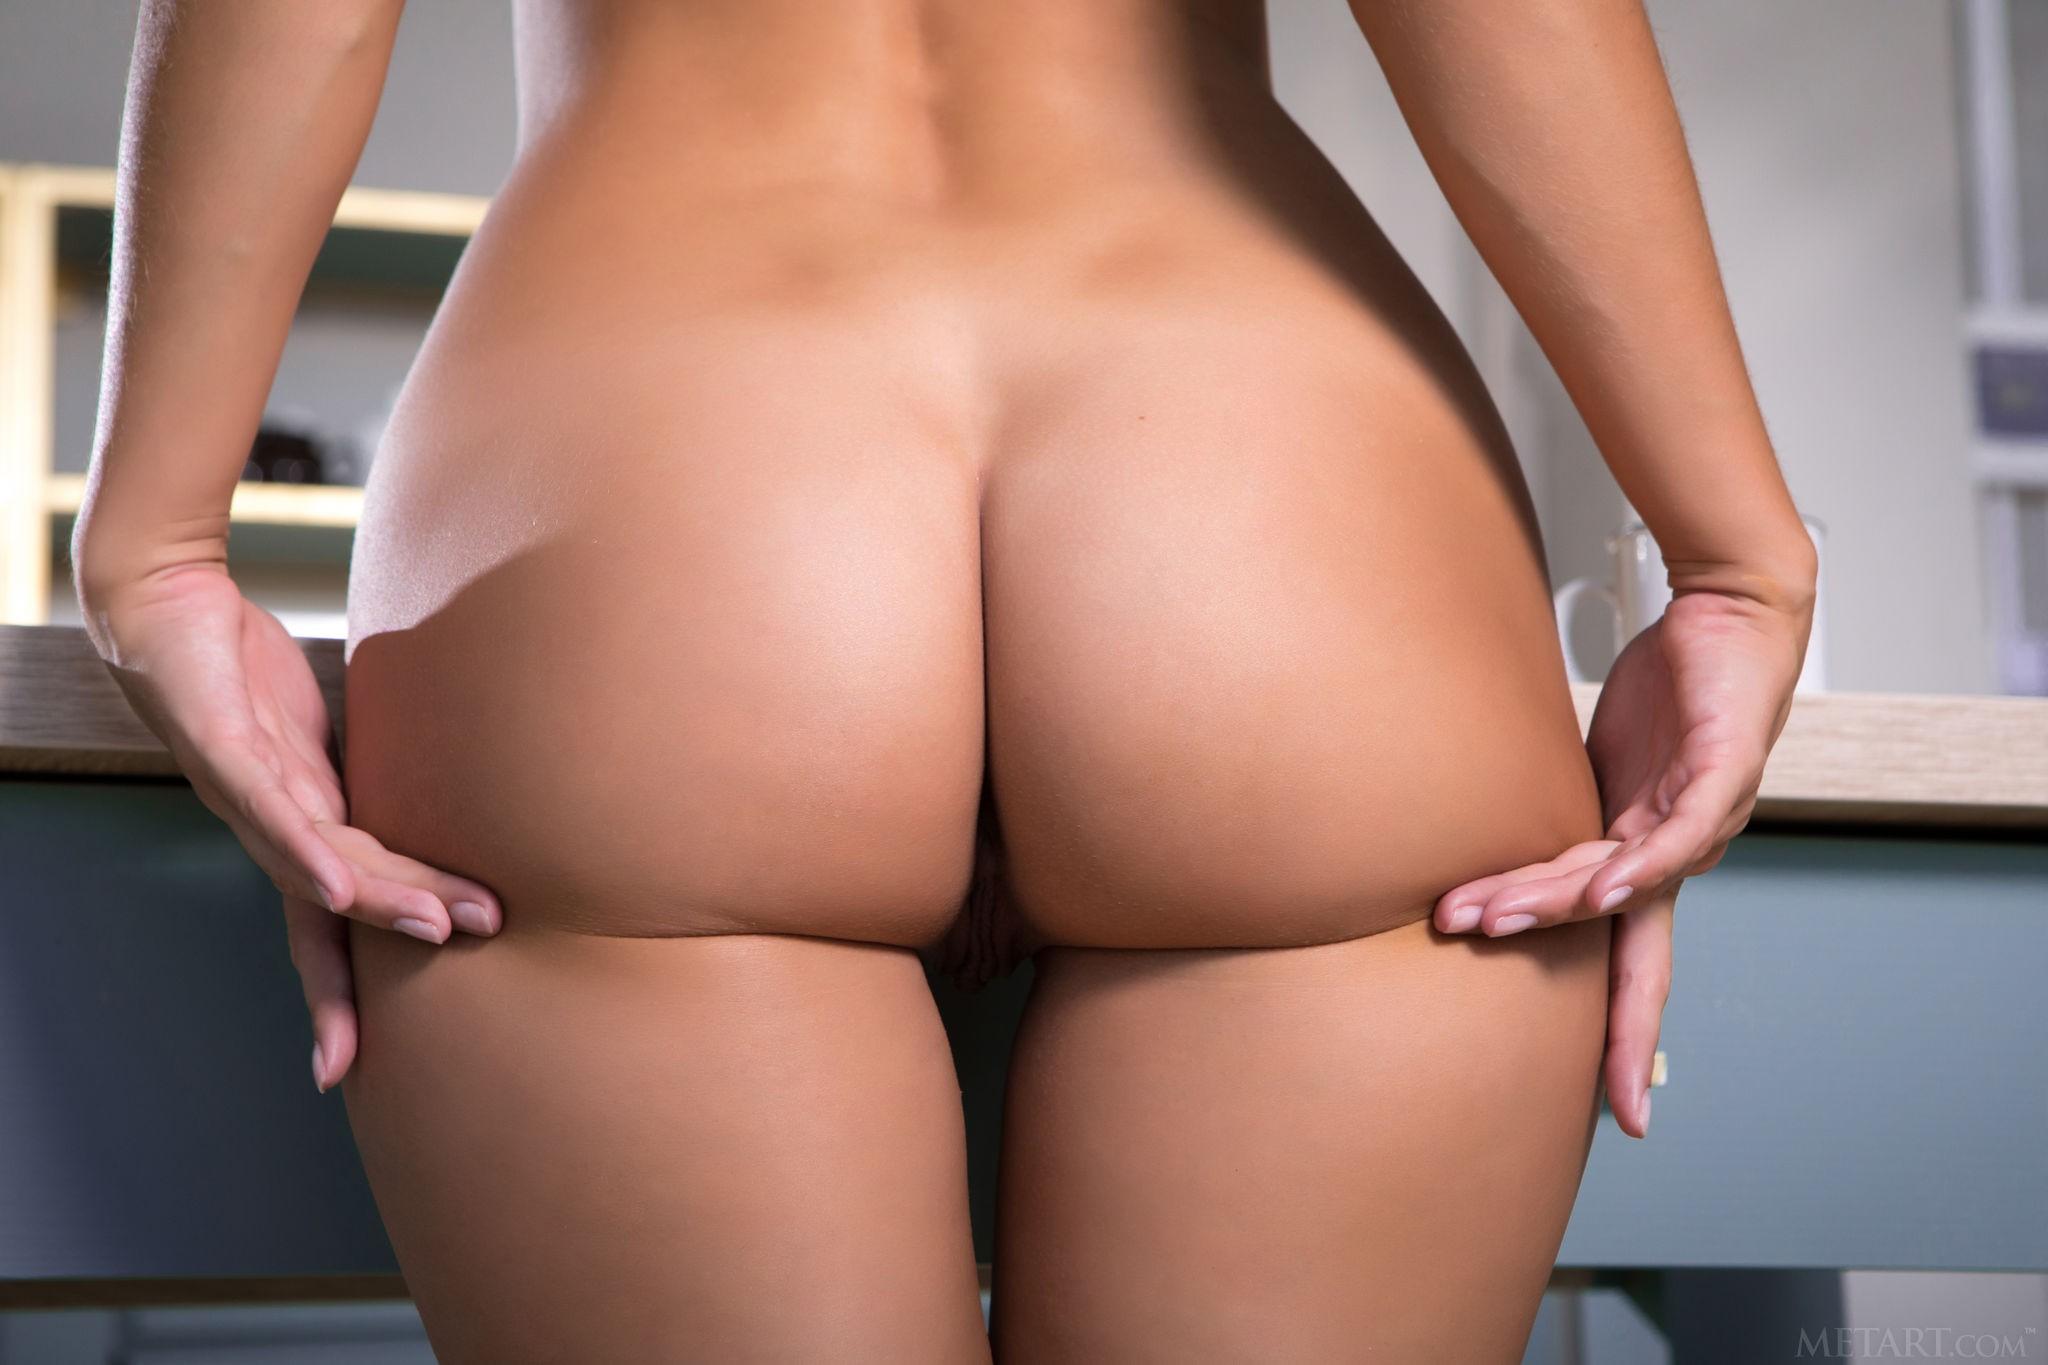 Элегантная девушка эротично показала себя на кухне - фото